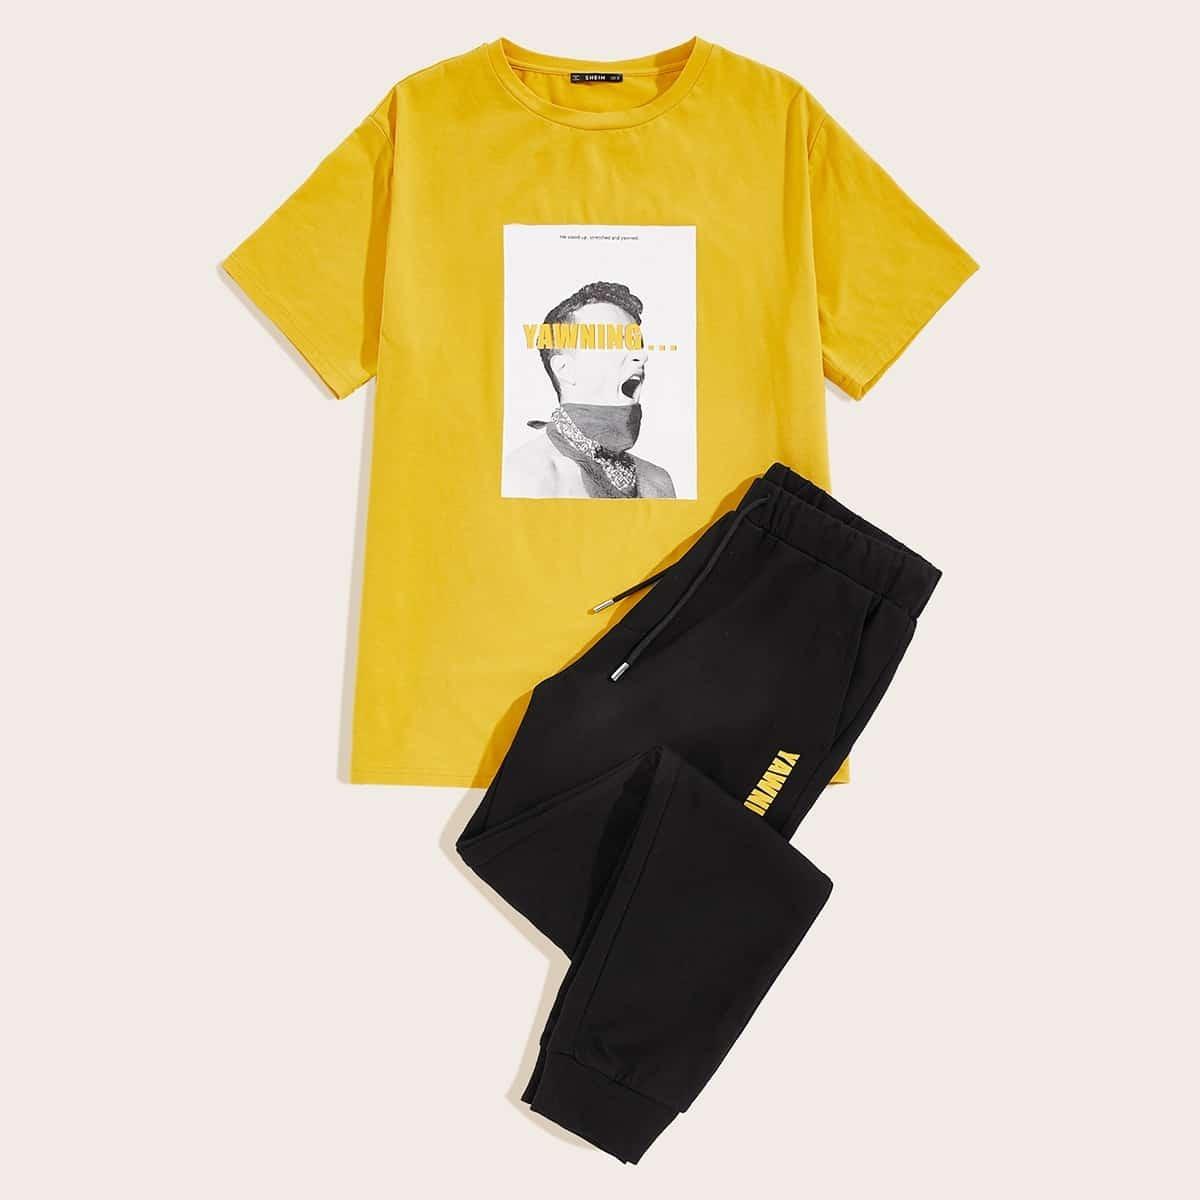 Мужские спортивные брюки и футболка с графическим принтом